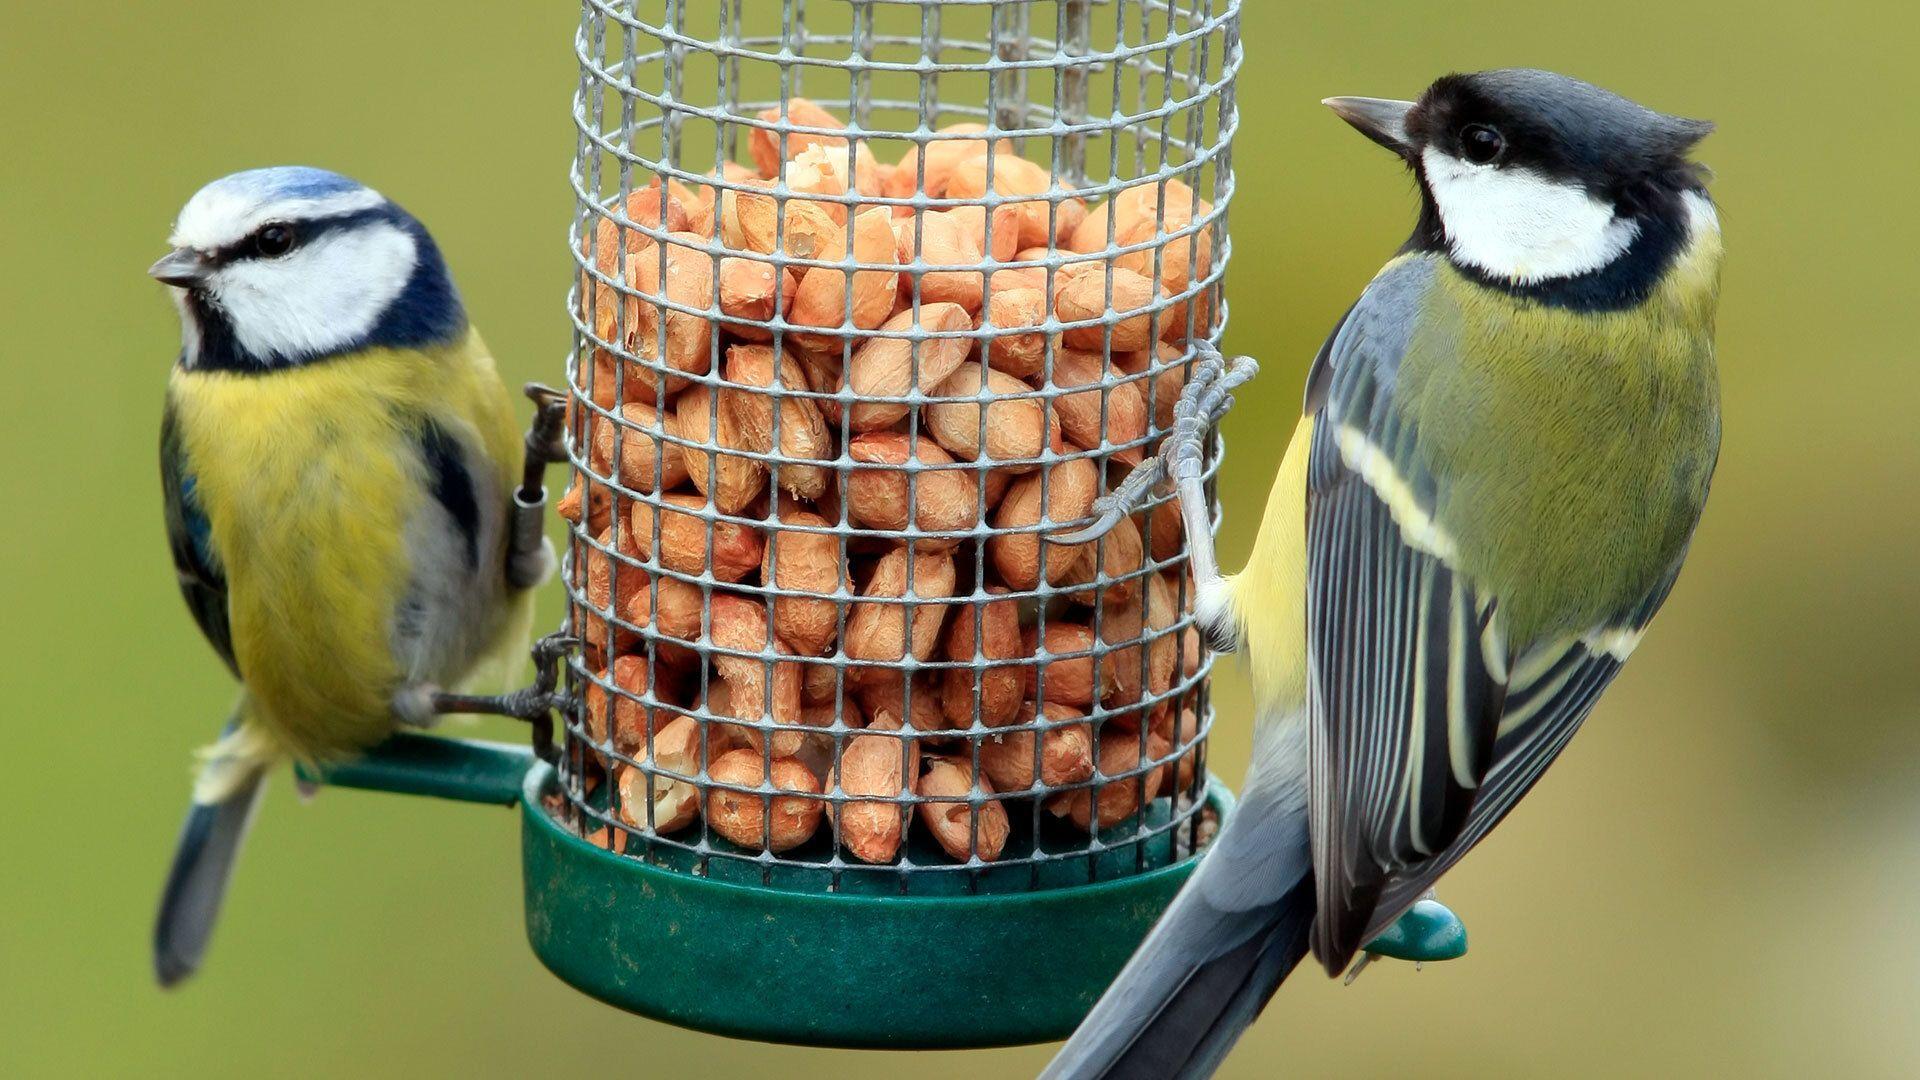 Vögel füttern: Das sind die 5 größten Fehler